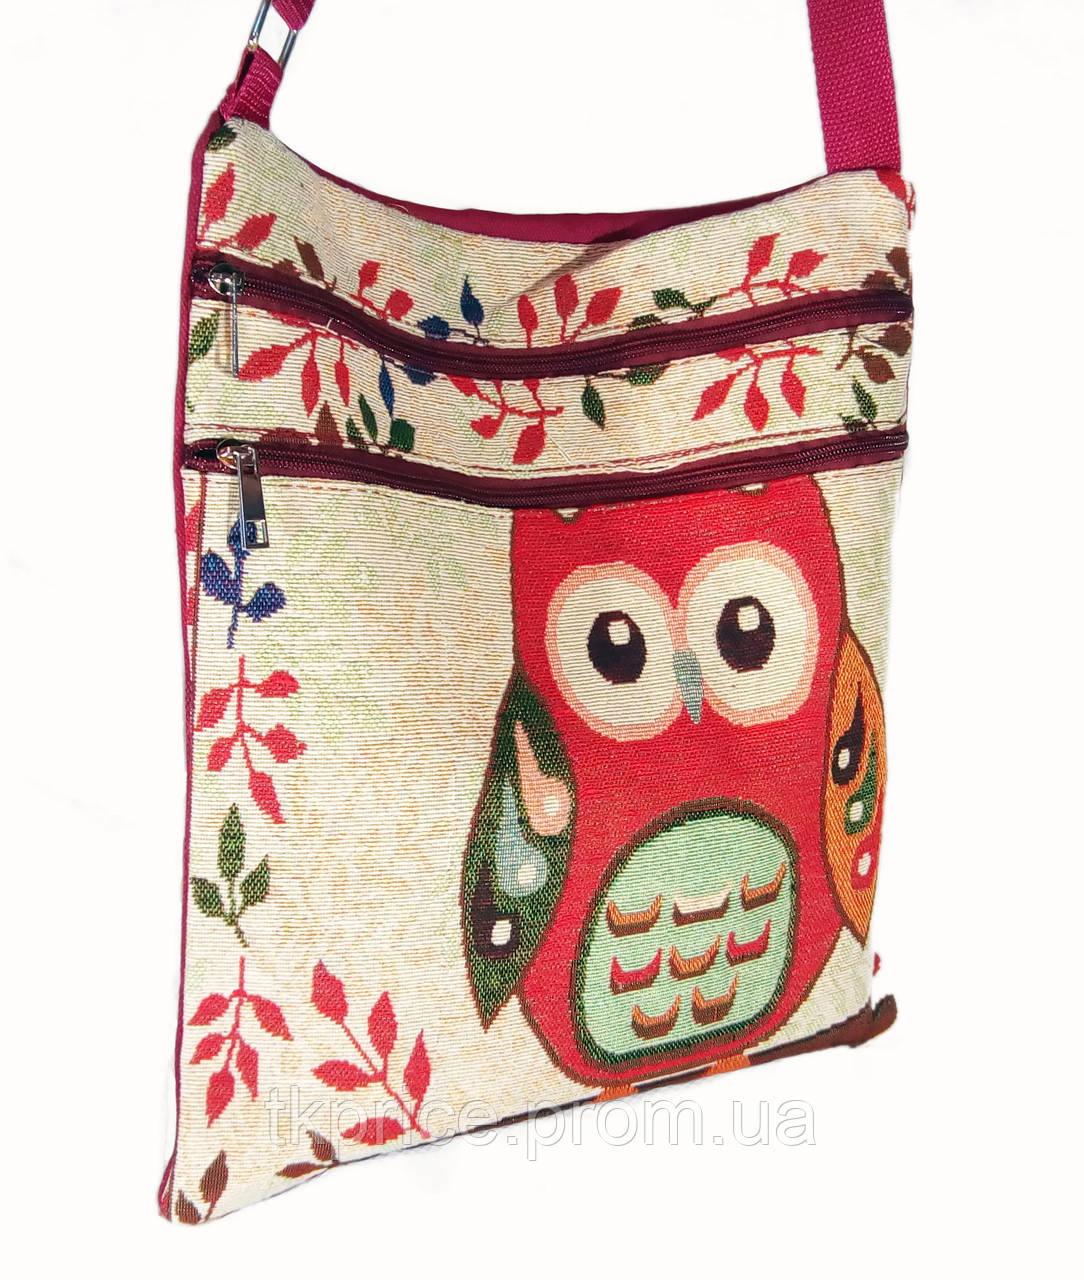 56c4989bd596 Пляжная сумка хлопковая на плечо - Интернет-магазин